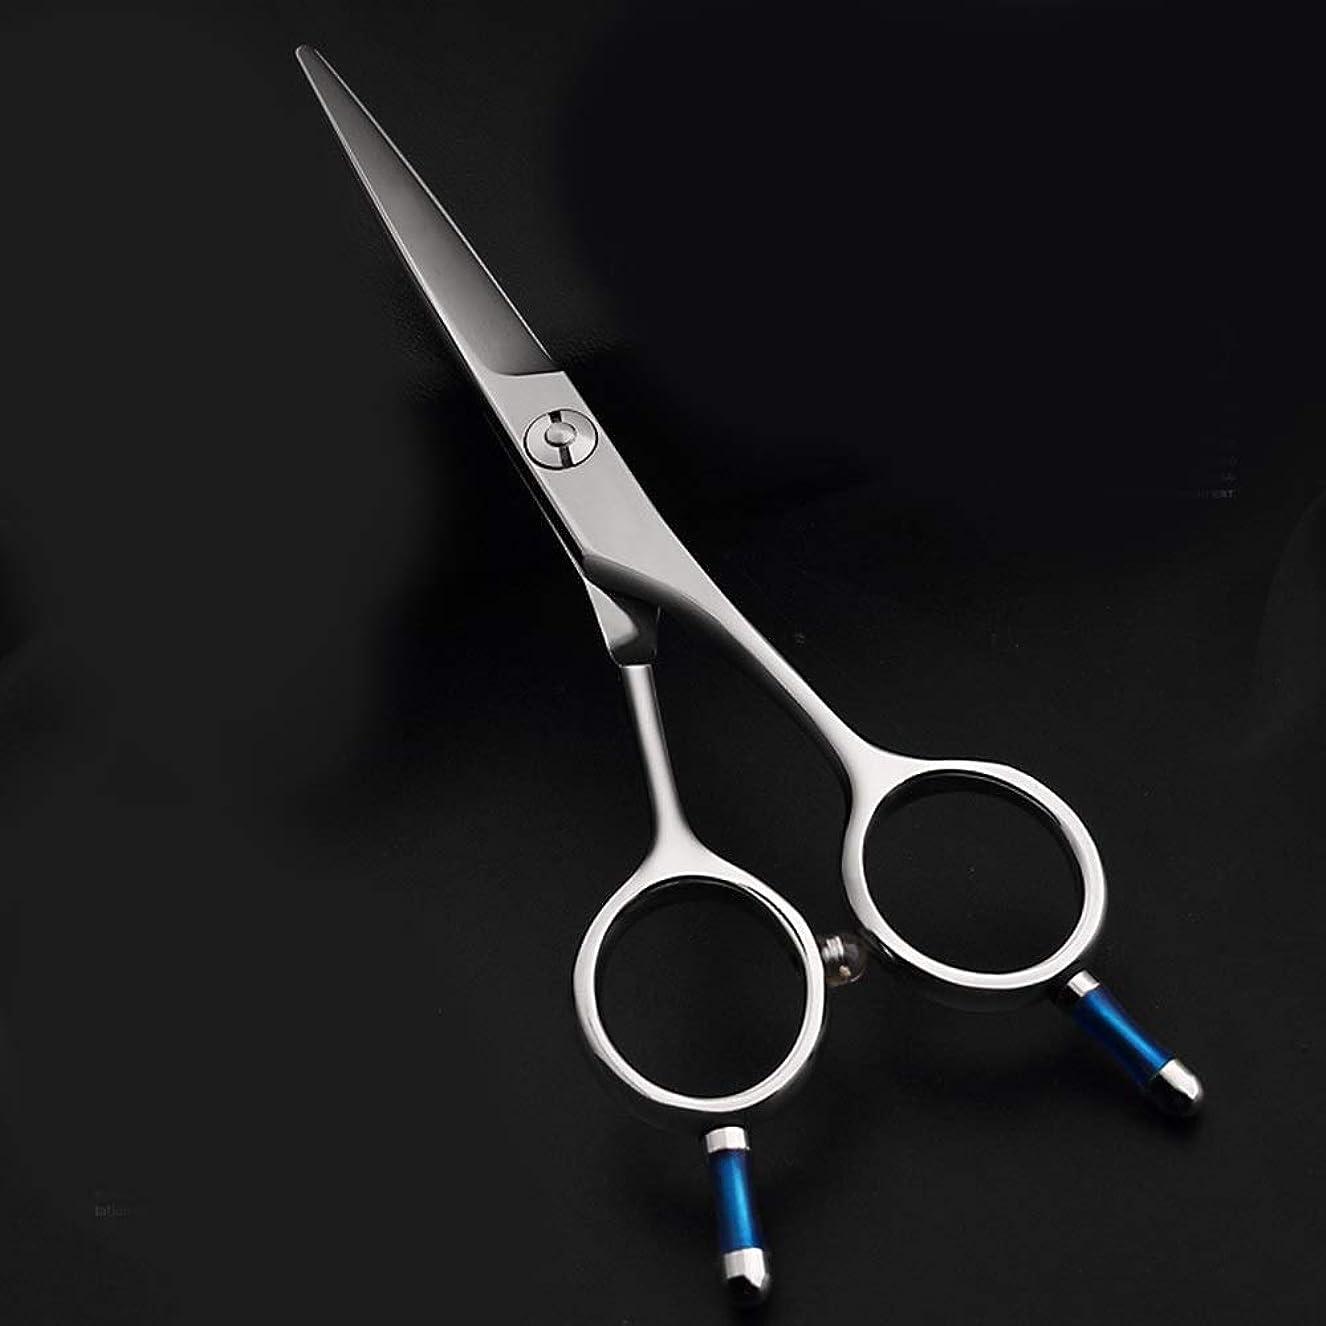 アシスタント粒ためらう理髪用はさみ 440CプロフェッショナルAワードシアー、5.5インチの理髪はさみ、美容院の特別な左手右利用可能な理髪はさみヘアカットはさみステンレス理髪はさみ (色 : Silver)